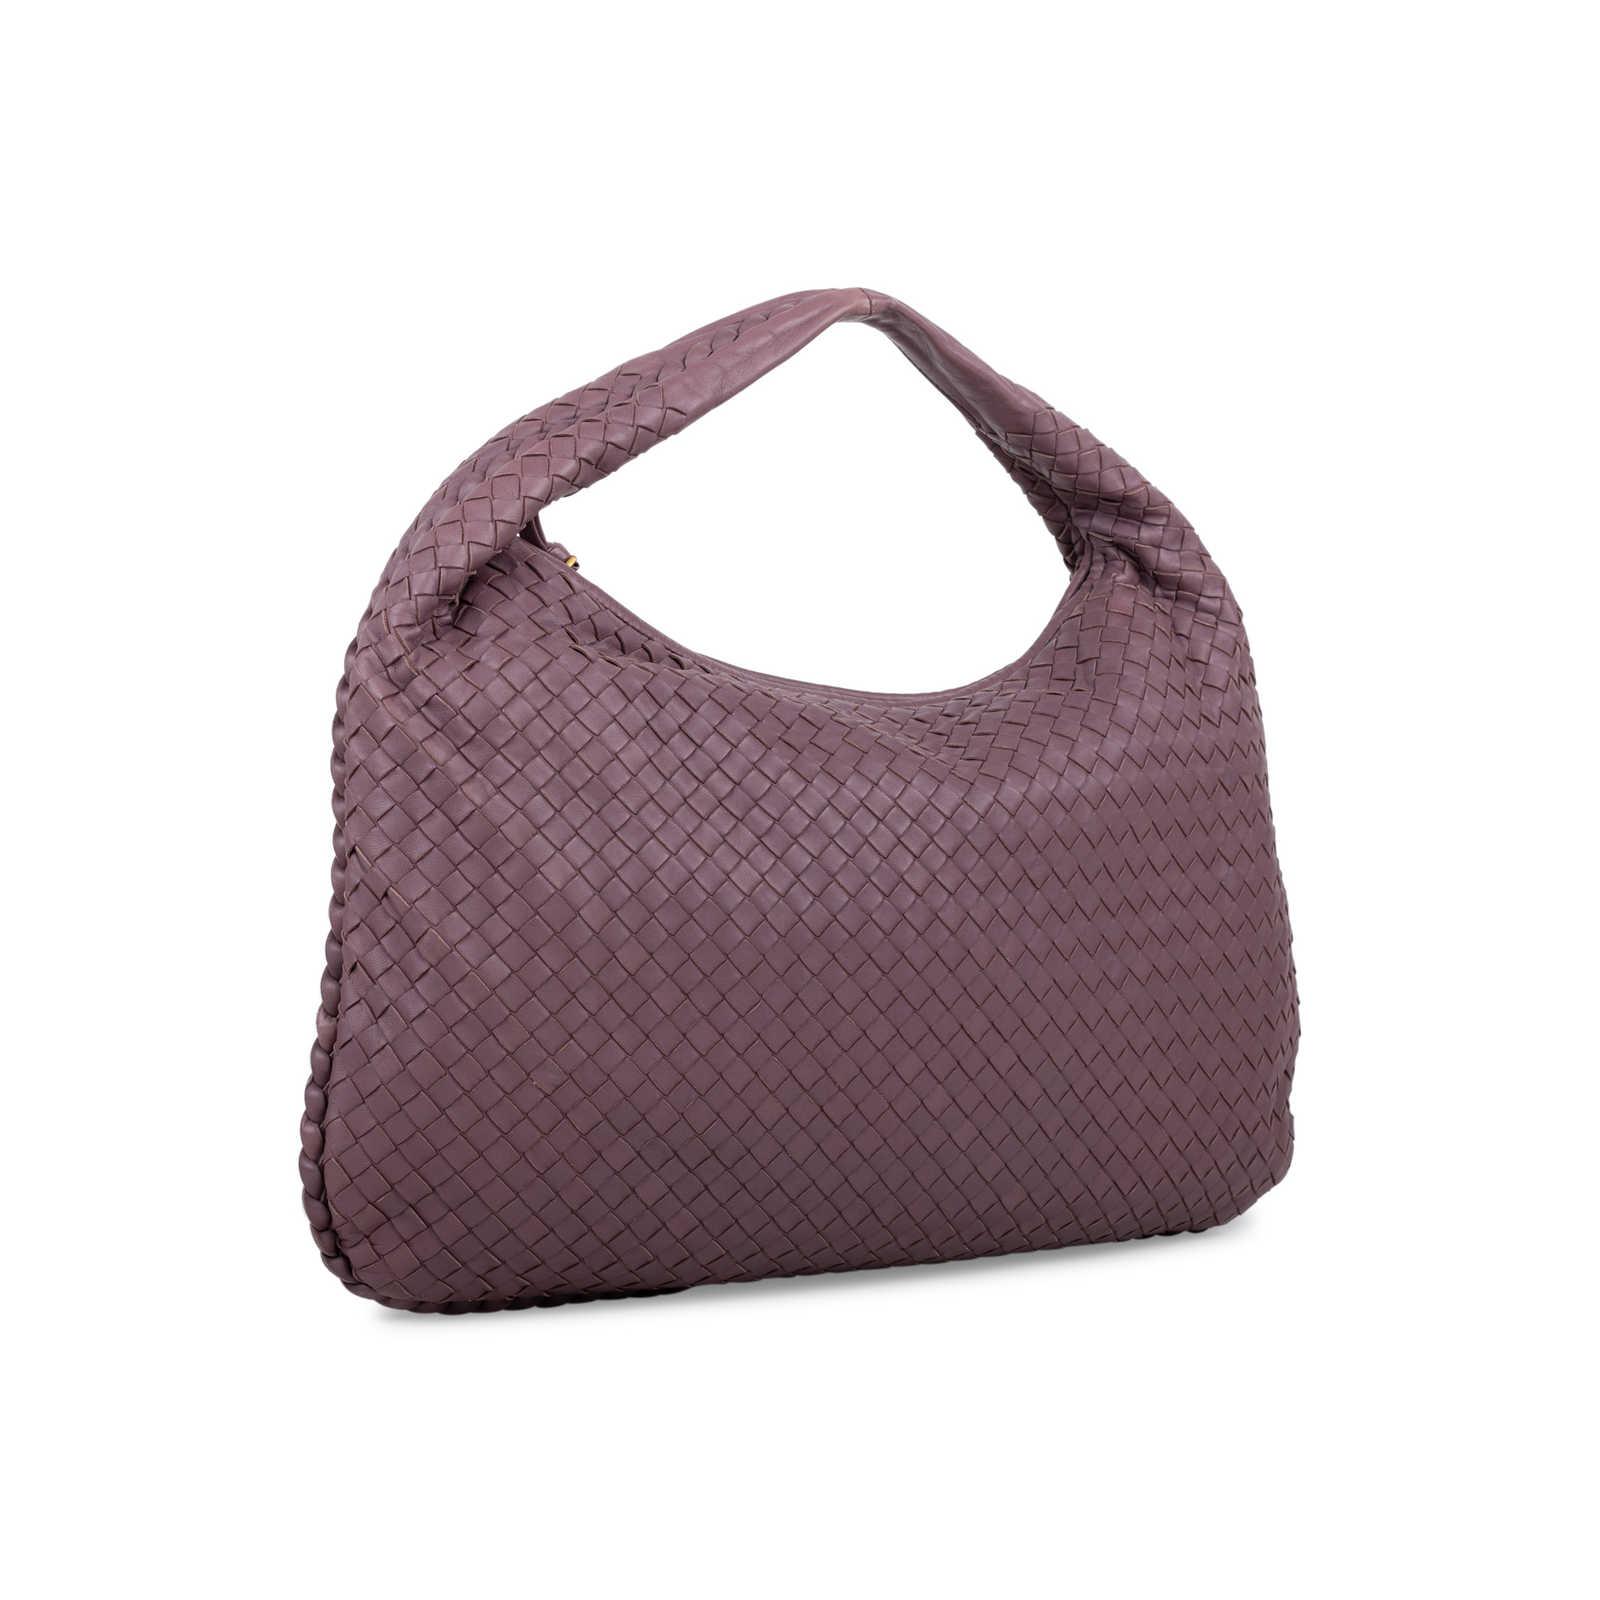 ... Authentic Second Hand Bottega Veneta Medium Intrecciato Veneta Hobo Bag  (PSS-566-00065 ... 8d6cac239c8c1